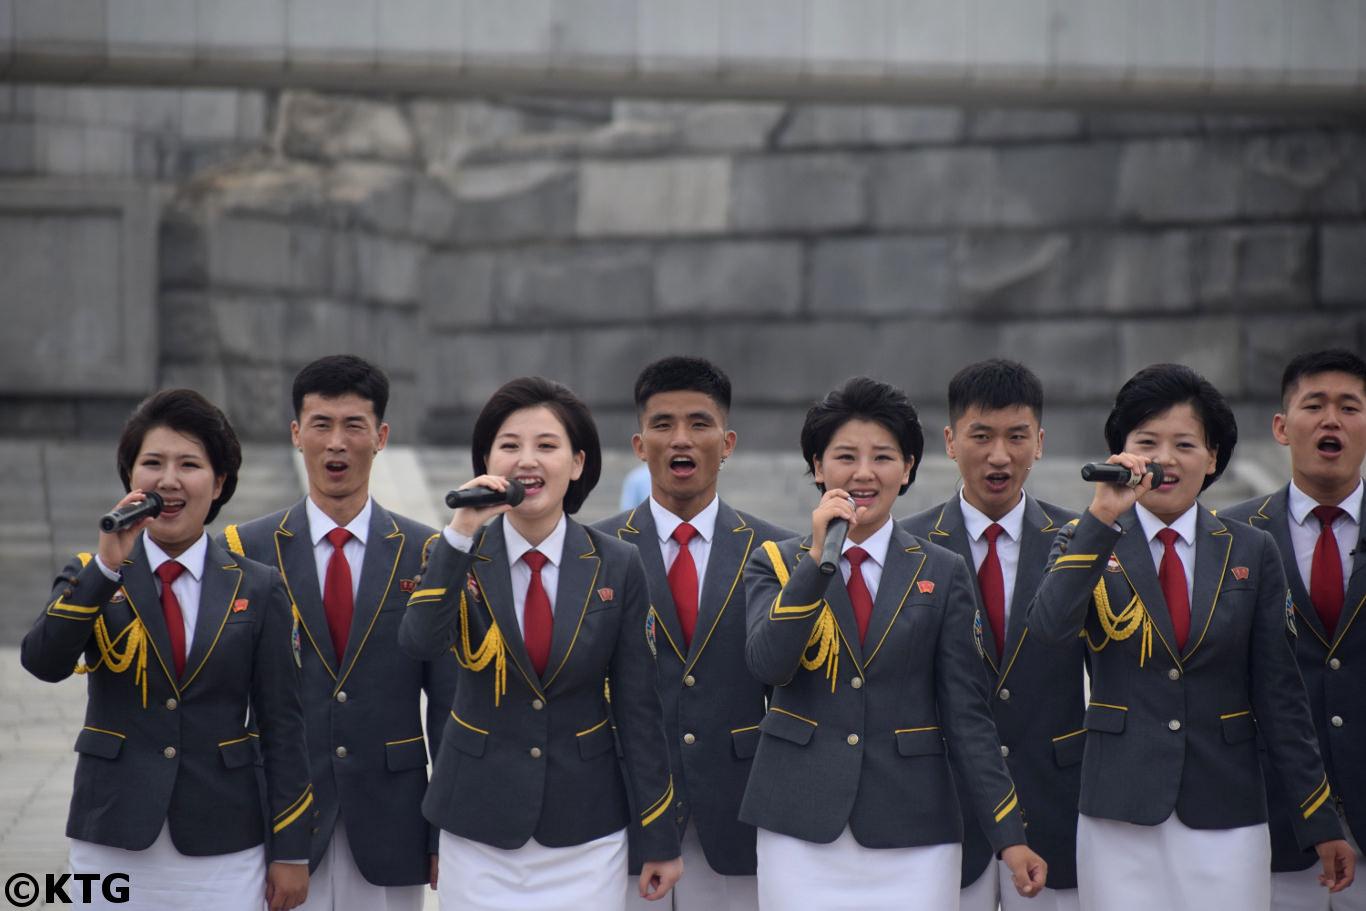 concierto en la calle en Pyongyang capital de Corea del Norte. Viaje organizado por KTG Tours